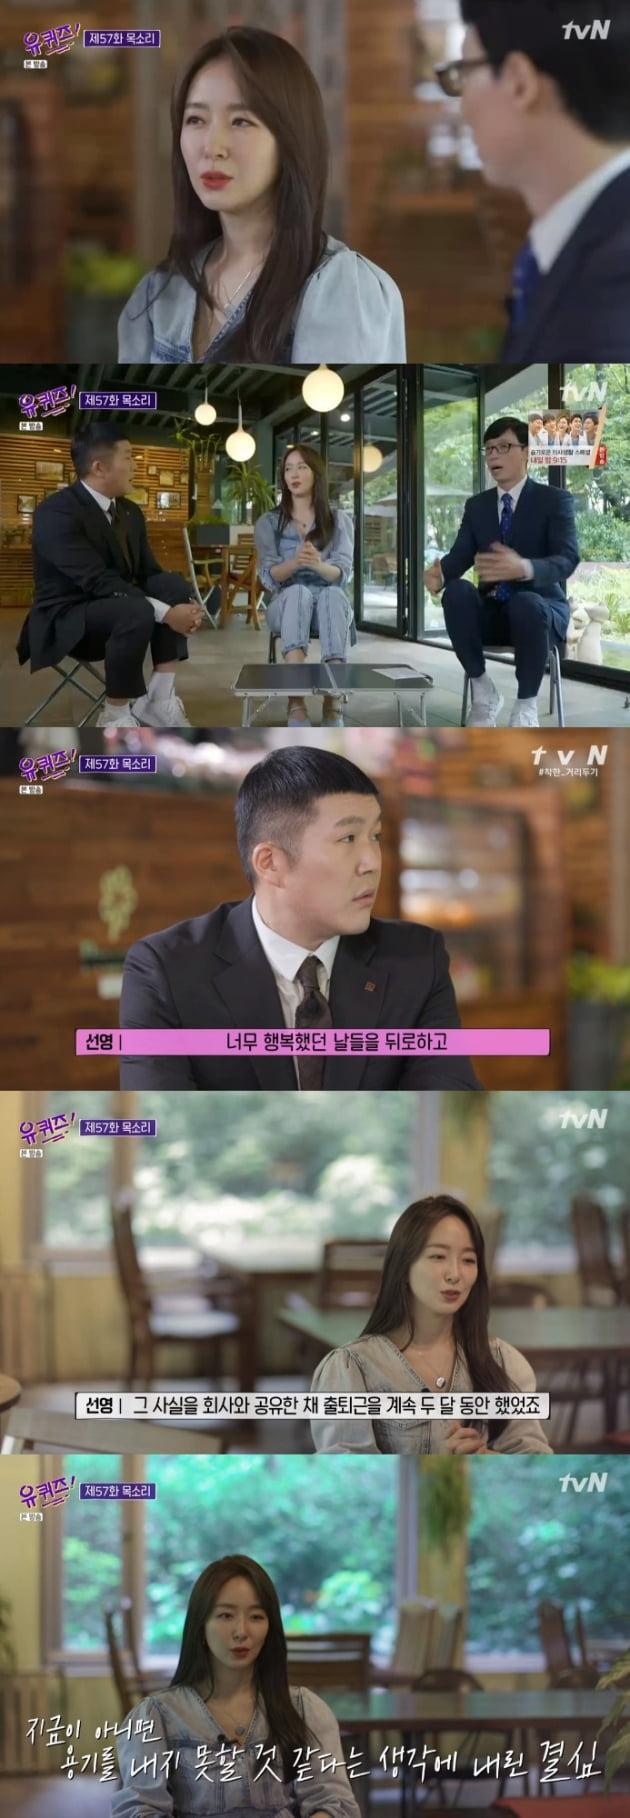 '유퀴즈온더블럭' 박선영 / 사진 = tvN 방송 캡처